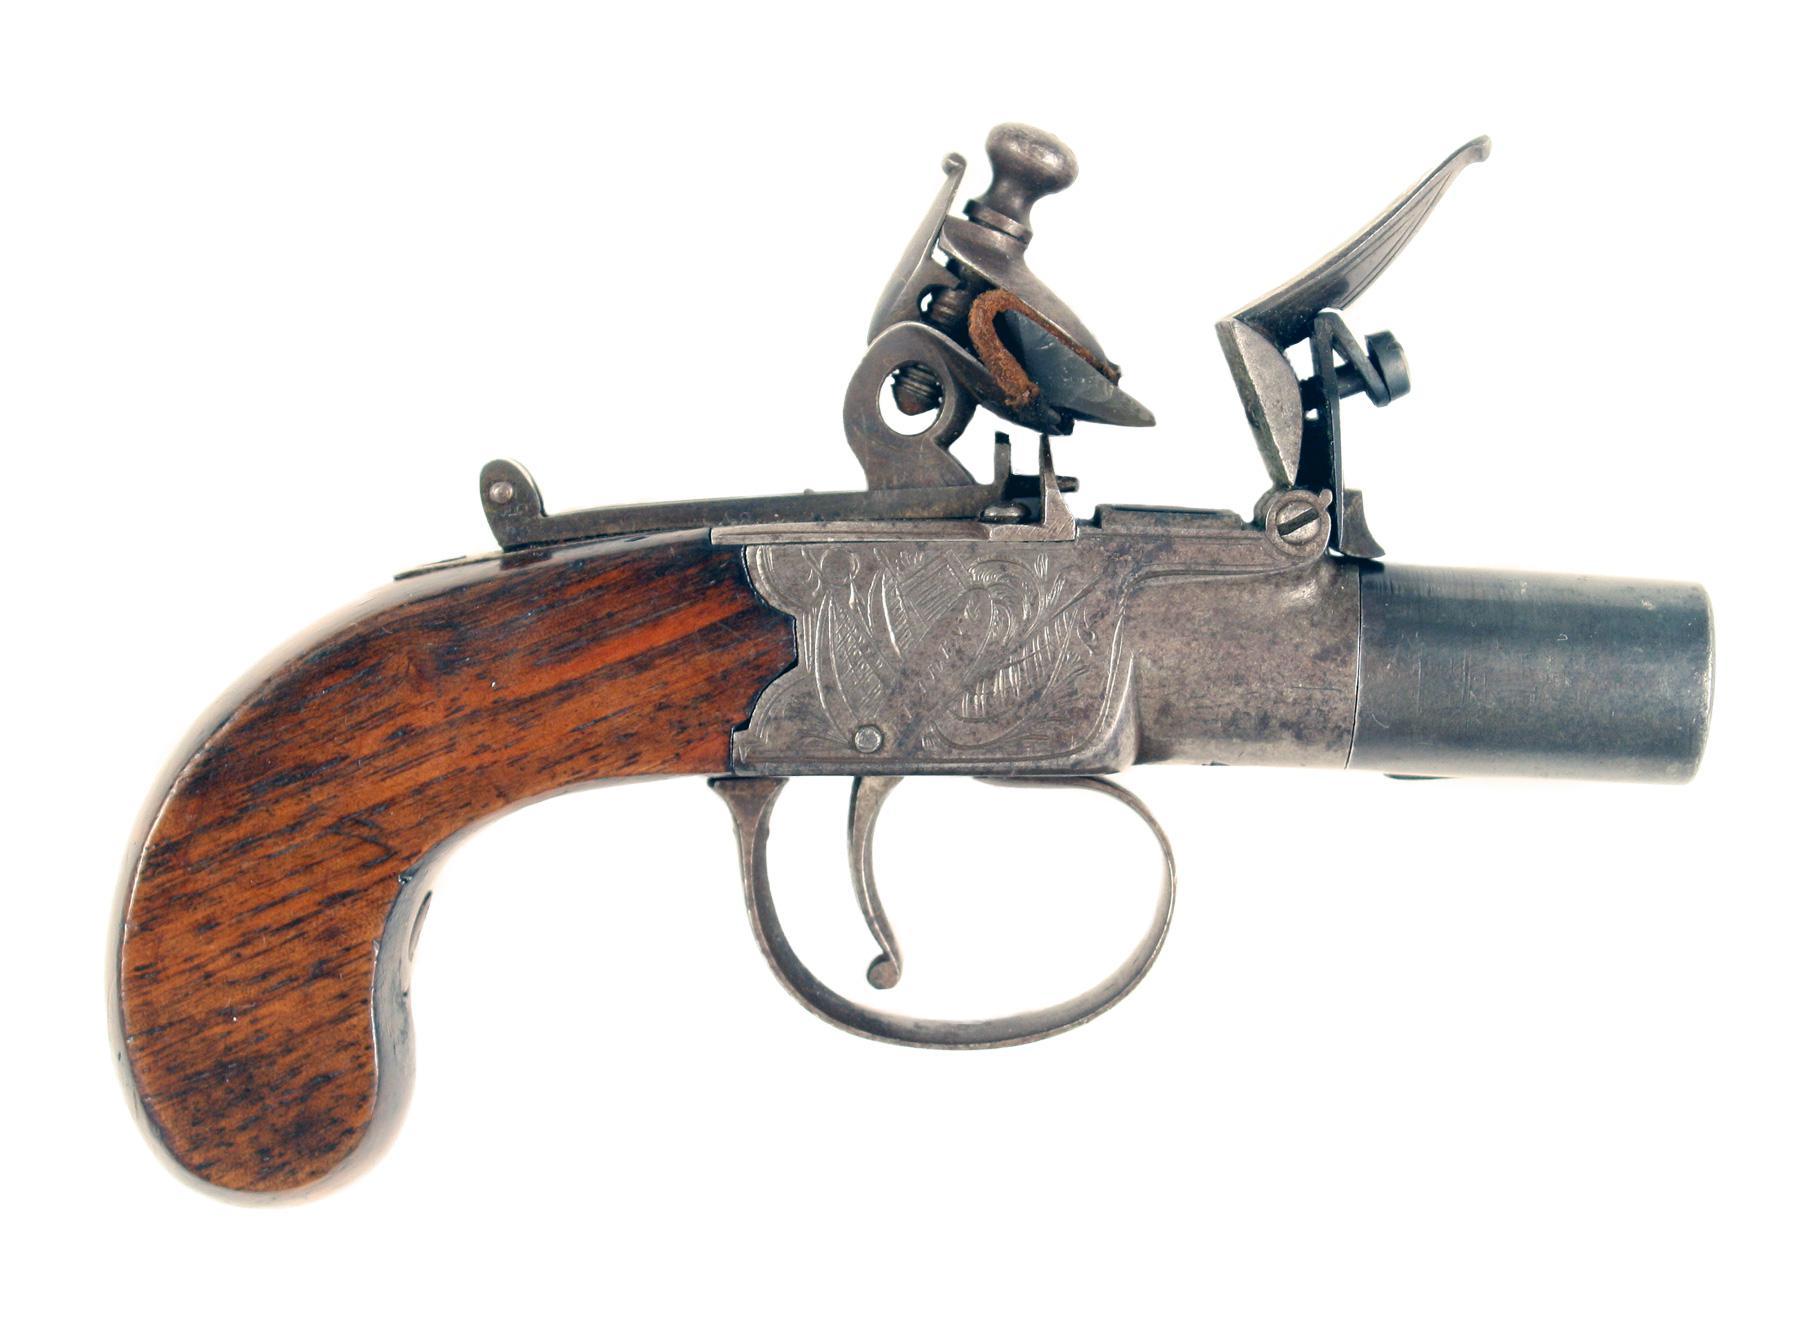 A Flintlock Pocket Pistol by Mace of Reading